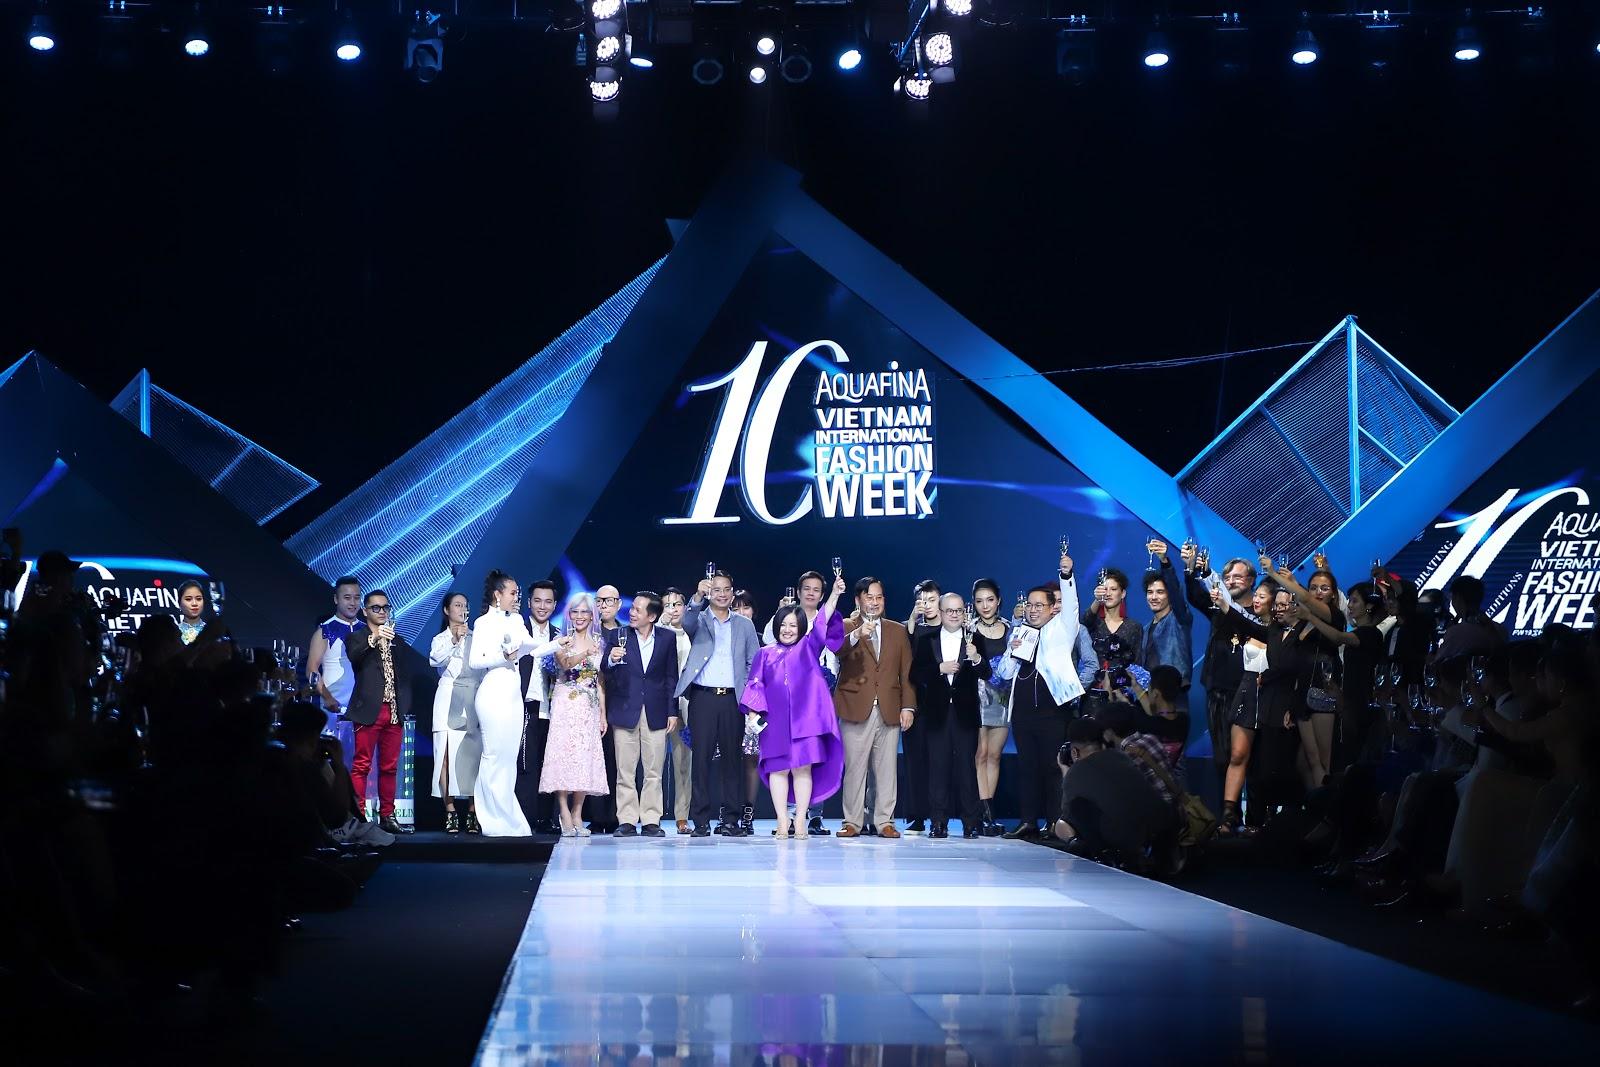 Vietnam International Fashion Week - Hành trình đưa nghành thời trang đến gần hơn với quốc tế - Hình 9